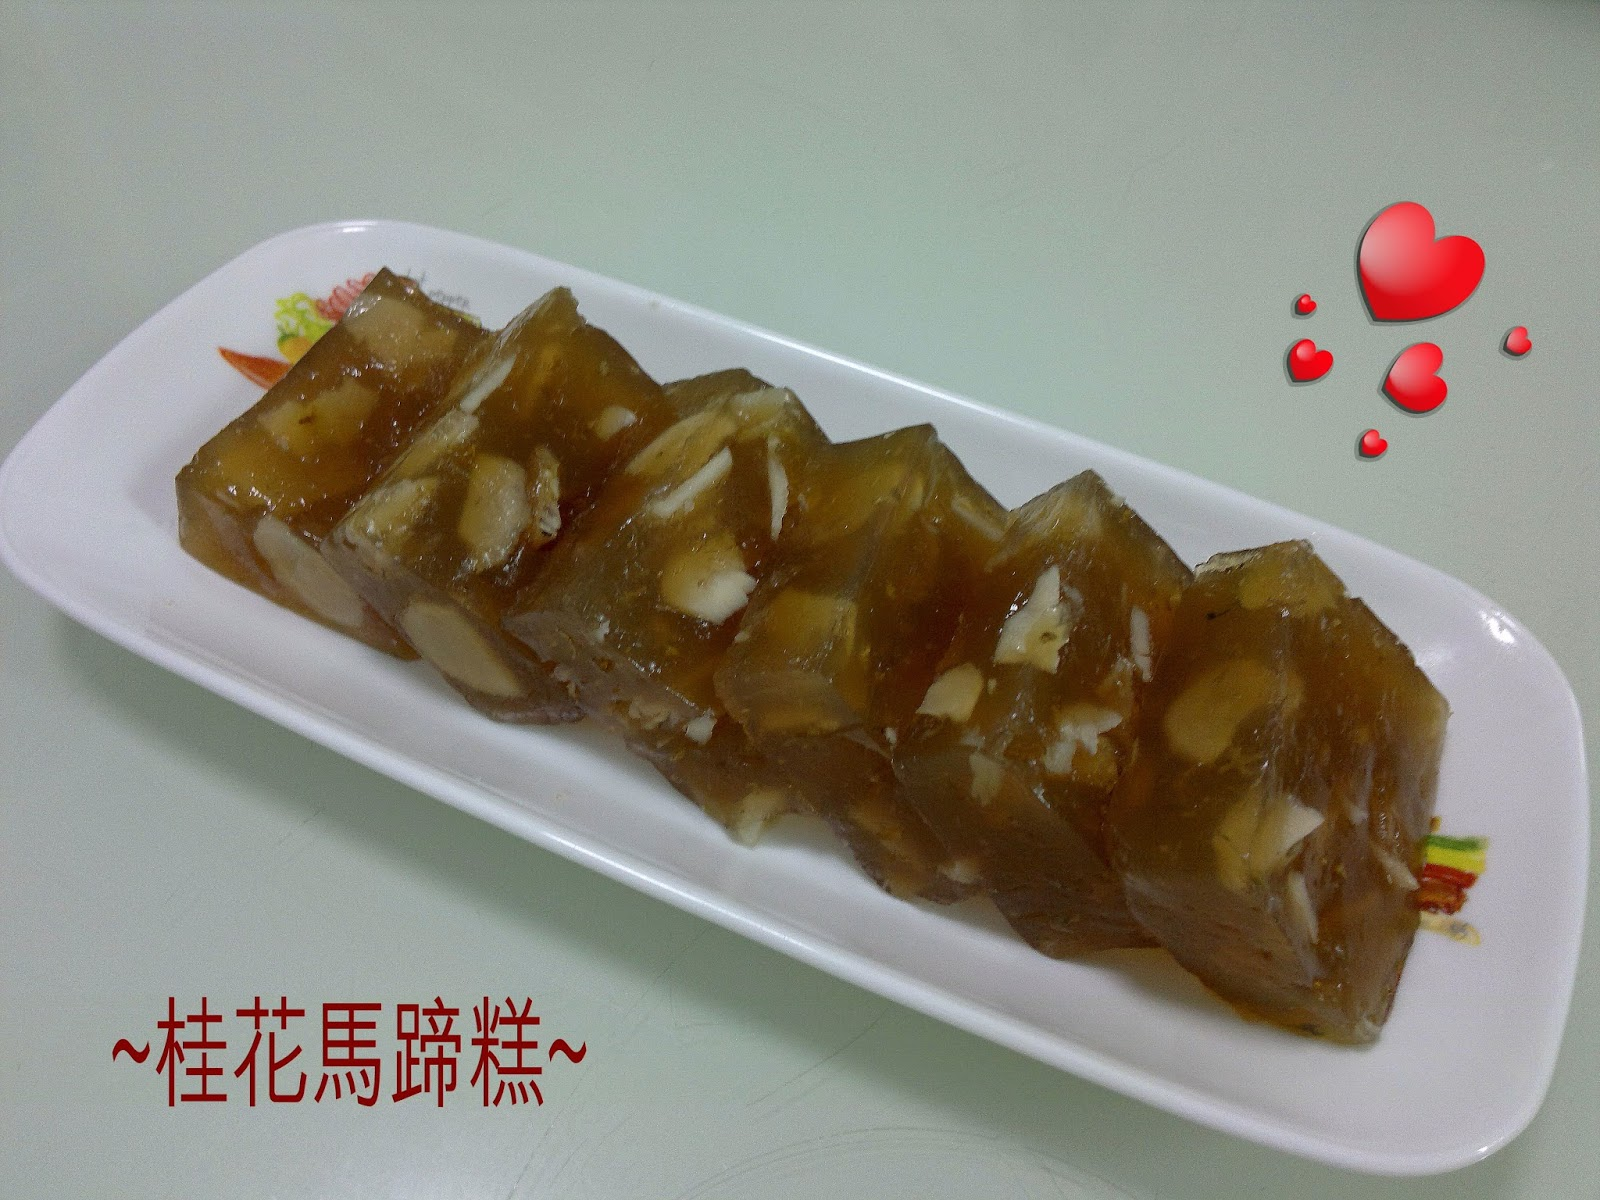 美味食譜-由玲開始: 桂花馬蹄糕